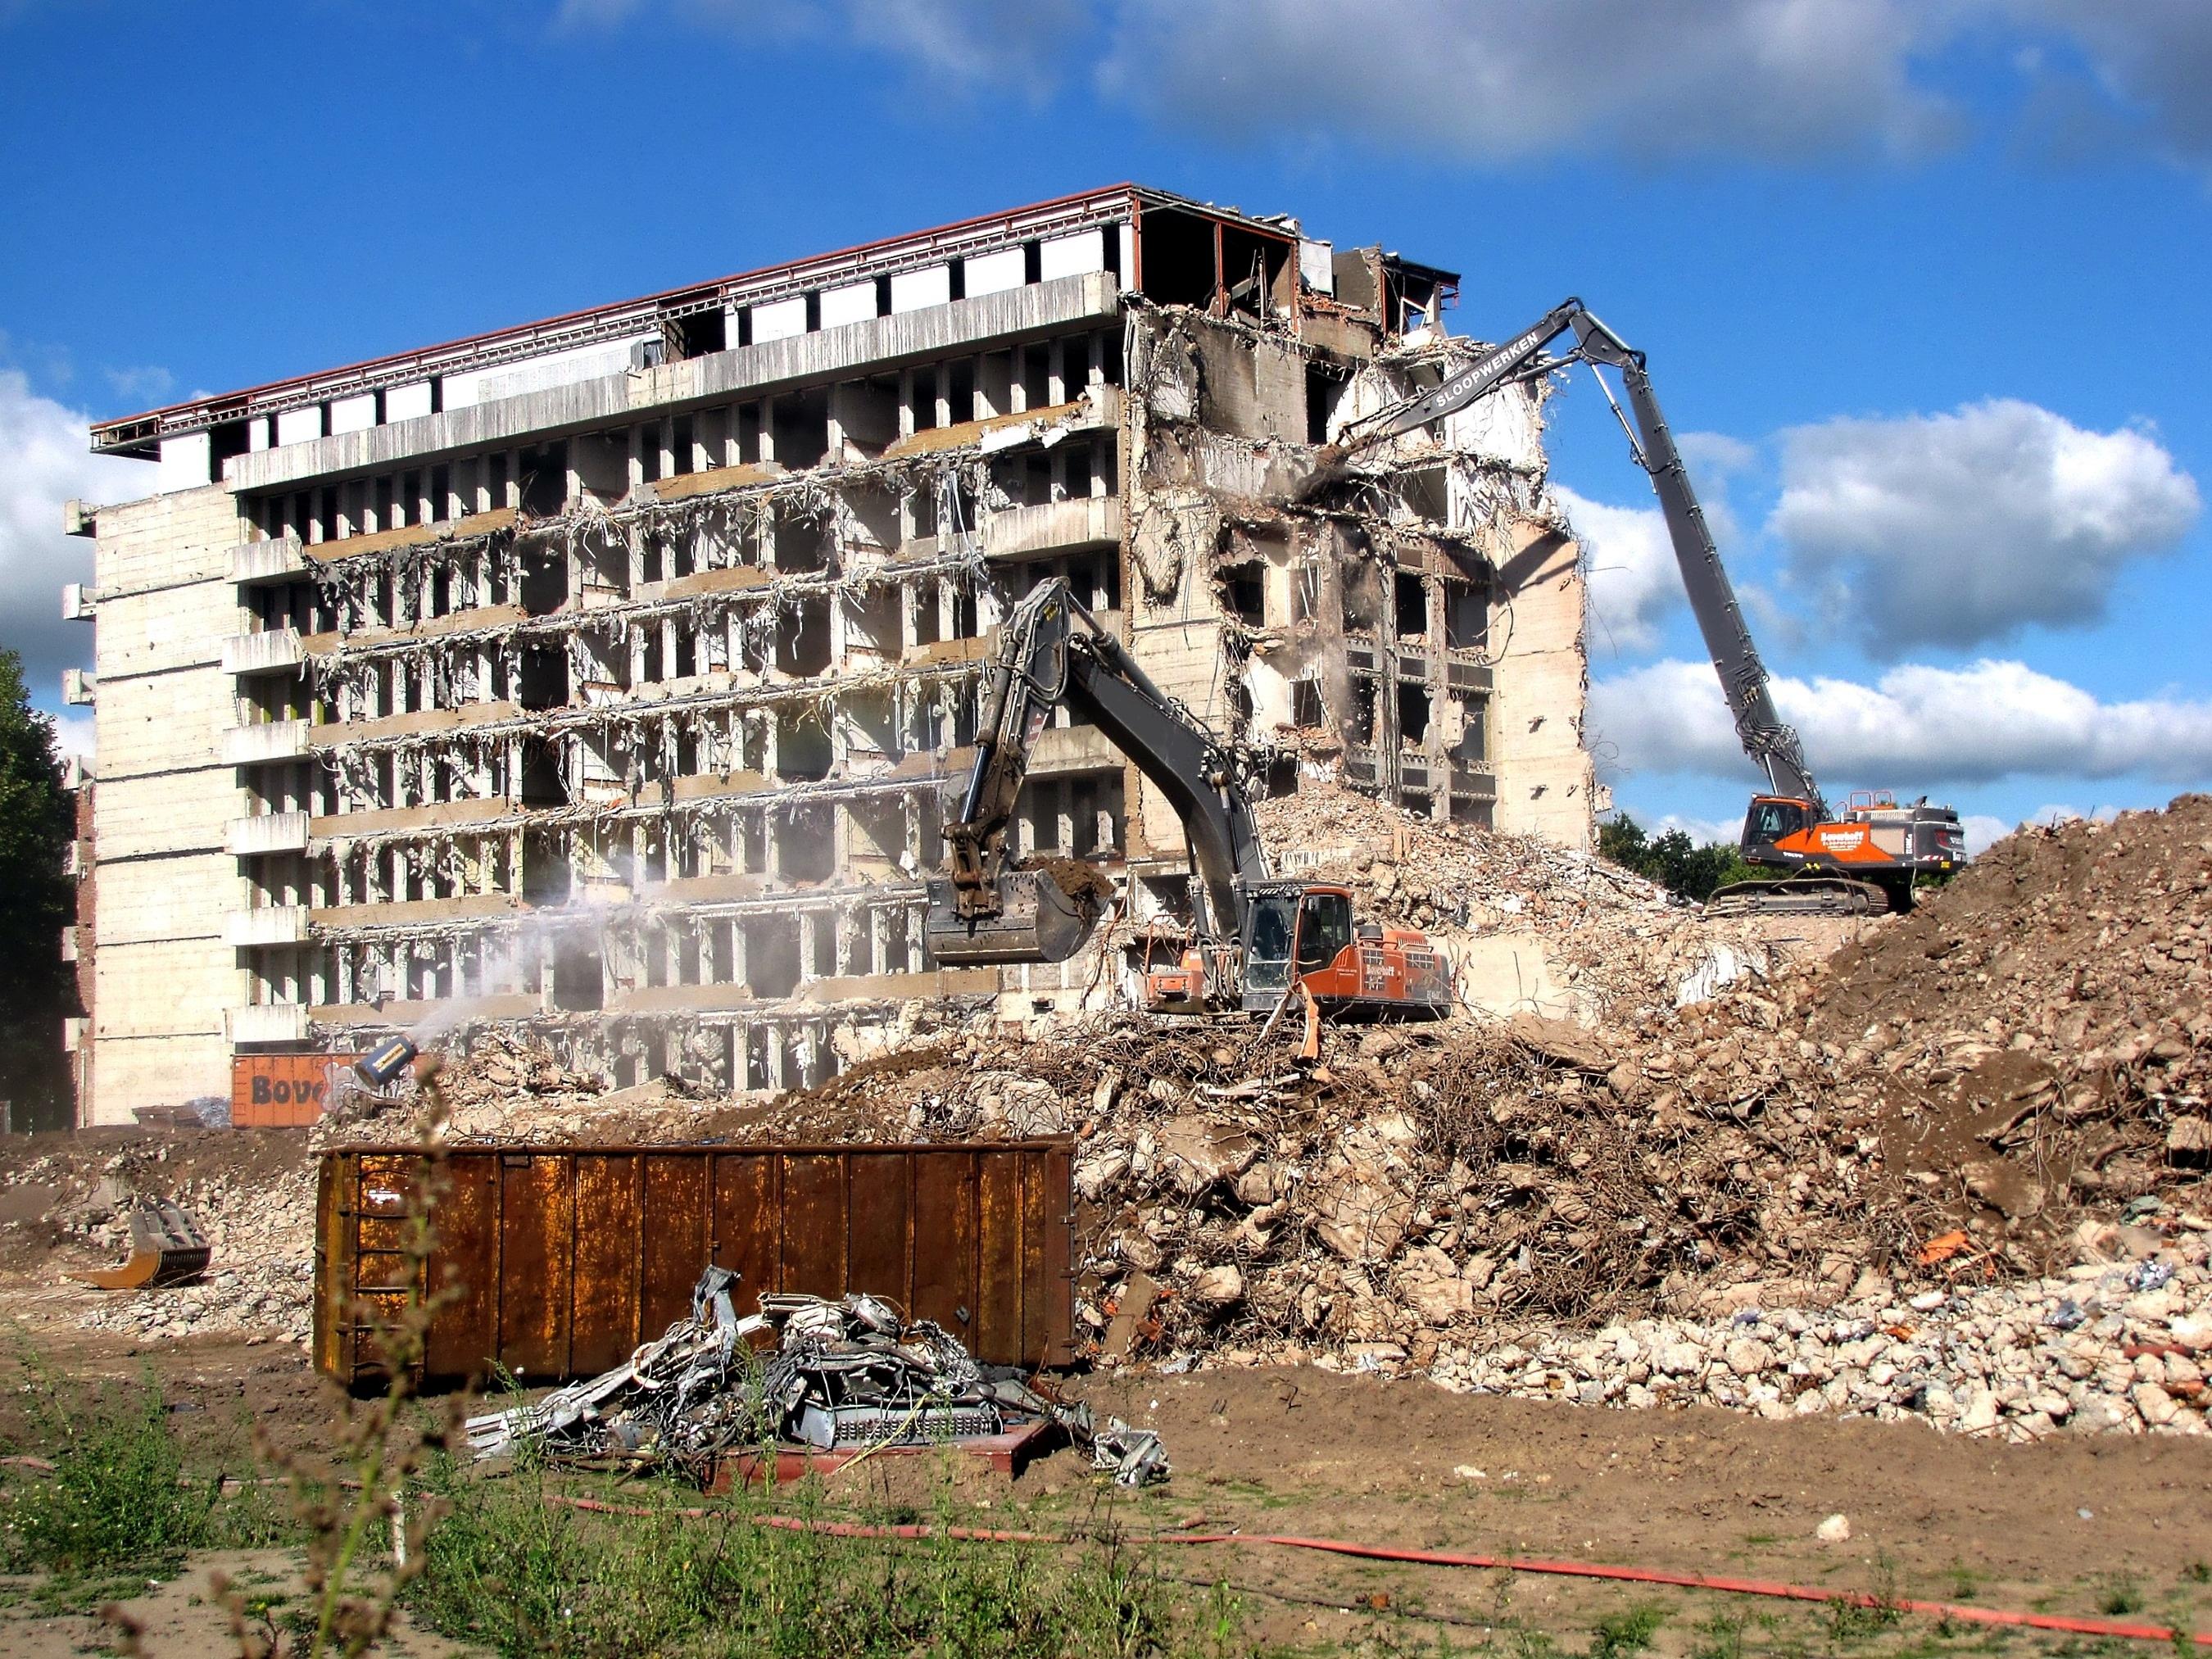 разрушенное здание большое фото всерьез увлекаетесь